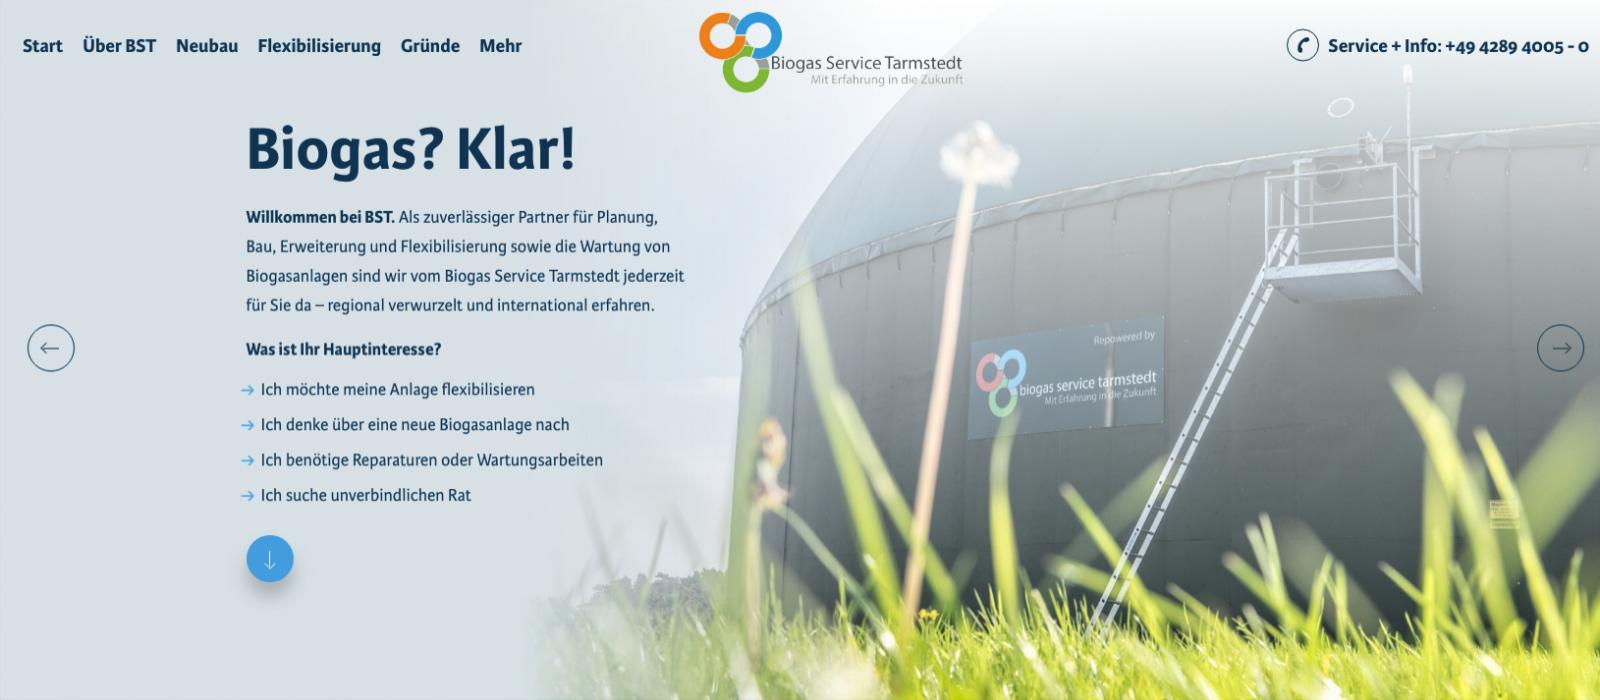 Biogasanlage auf der Startseite der Website des Biogas Service Tarmstedt (BST)